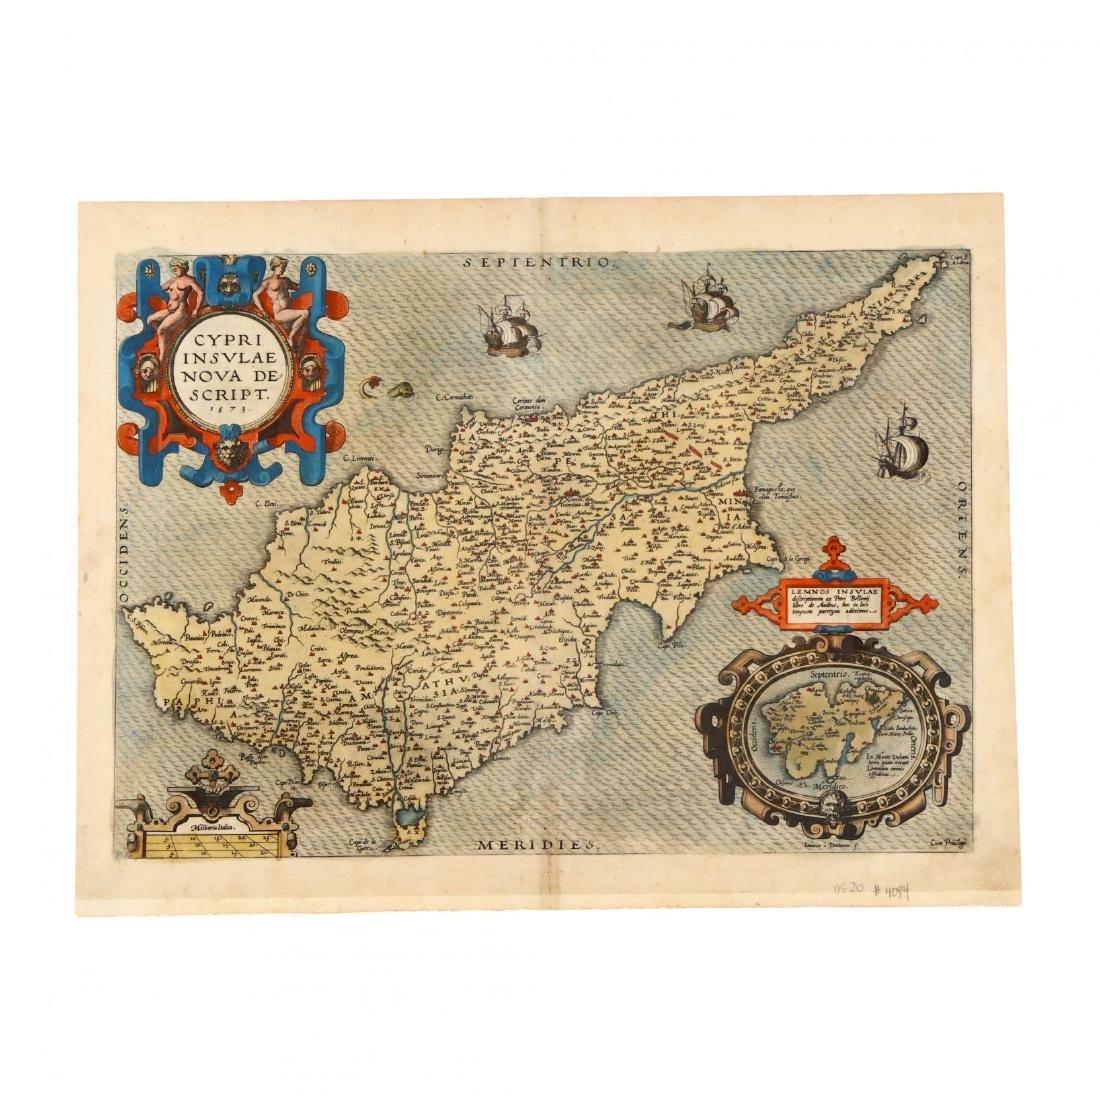 Ortelius, Abraham.  Cypri Insulae Nova Descipt.